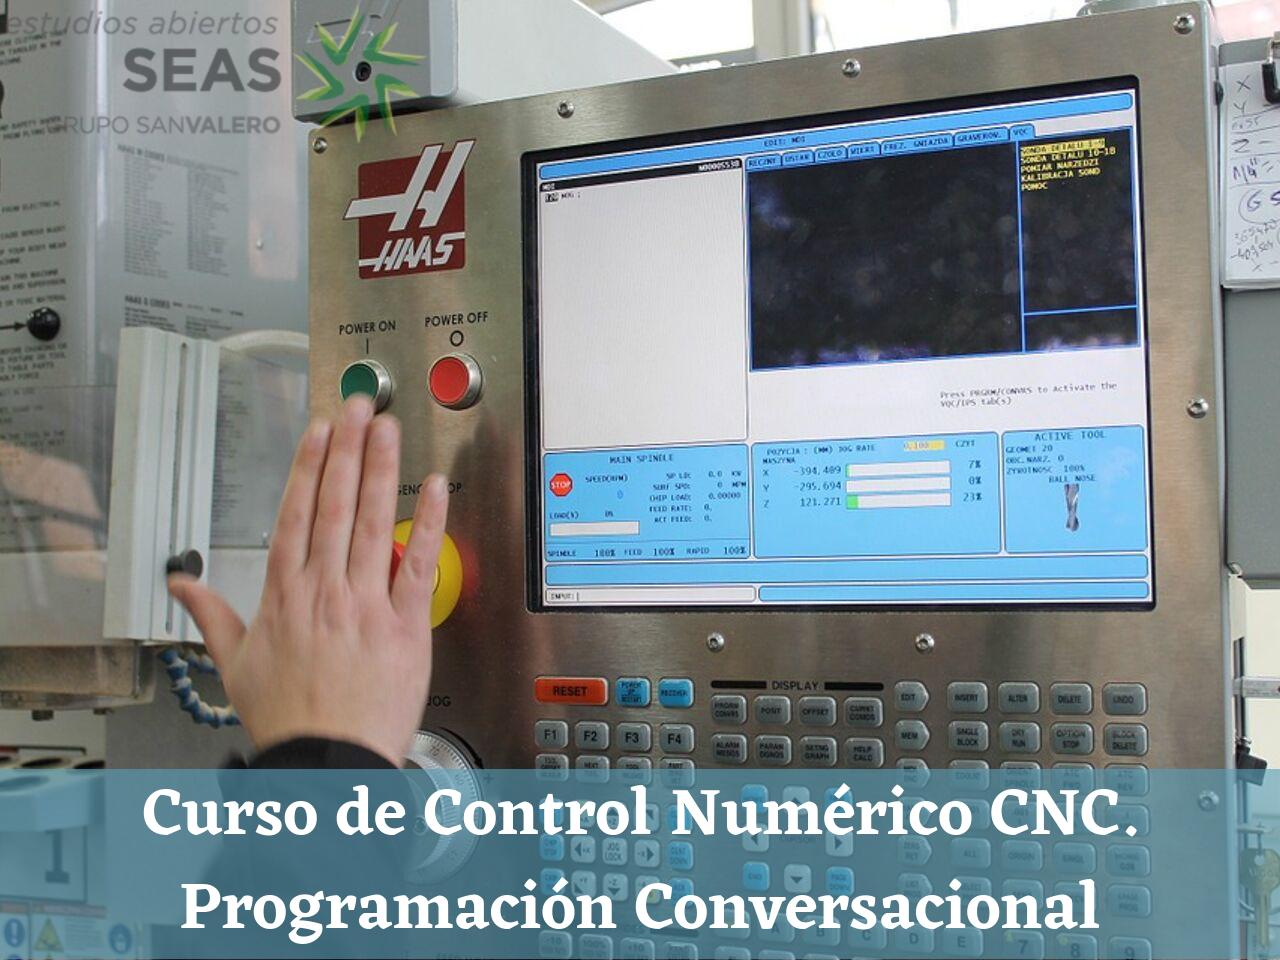 Curso de Control Numérico CNC. Programación Conversacional